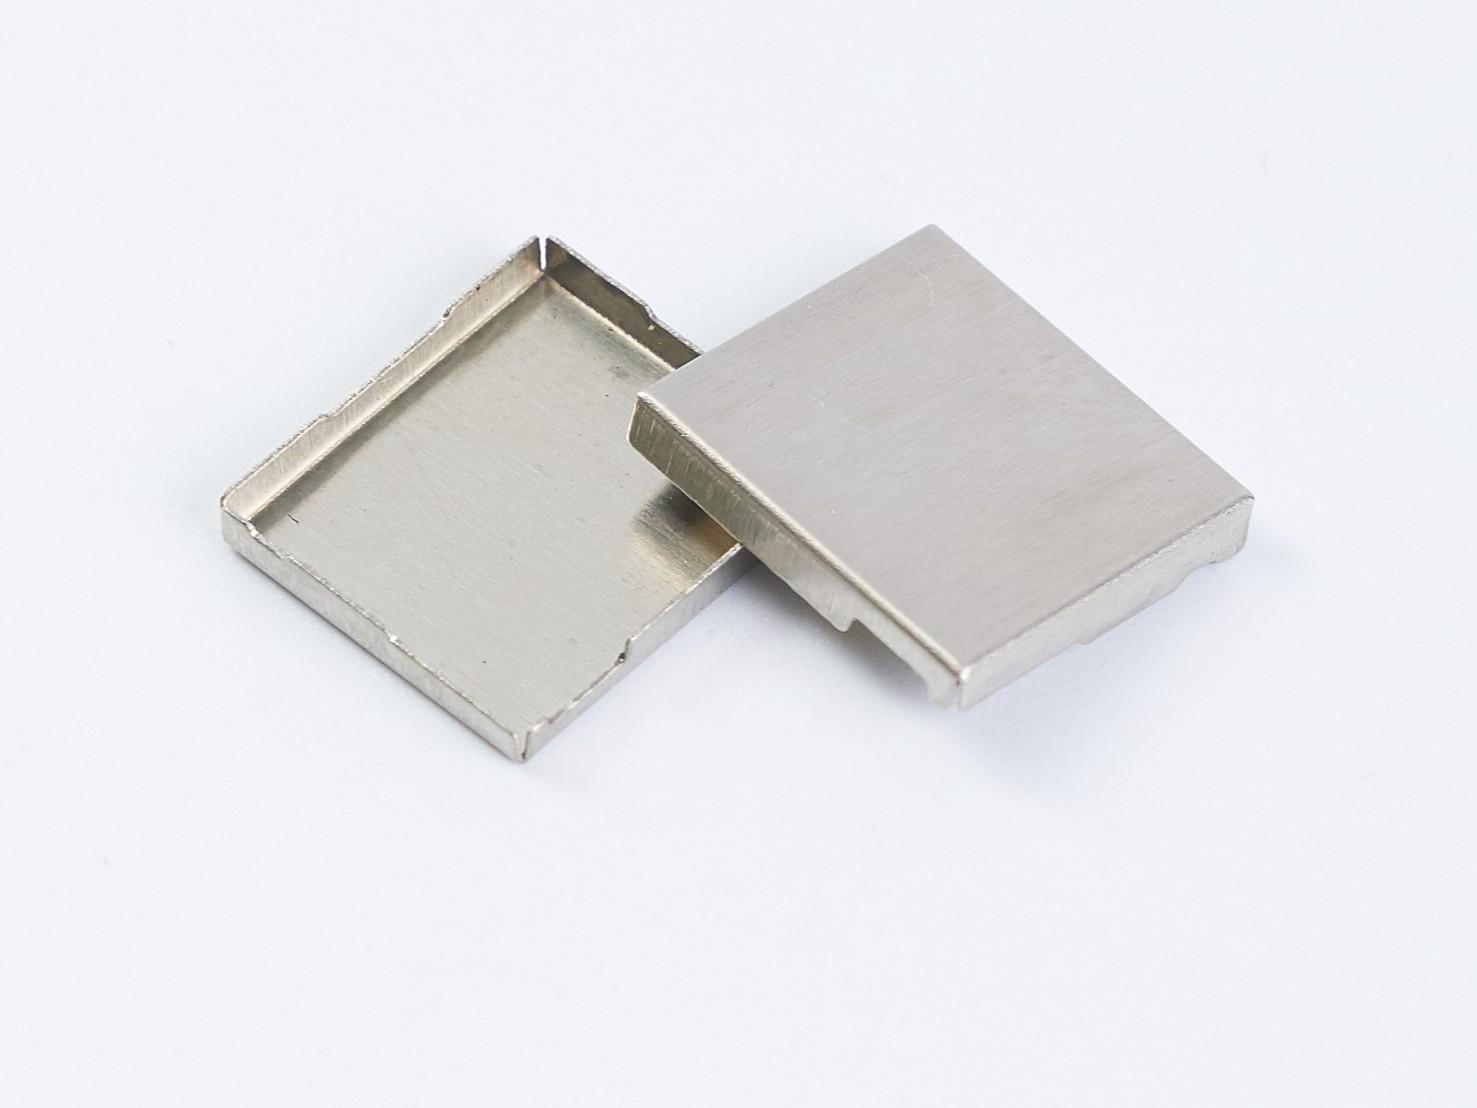 射频屏蔽罩定制生产厂家-免费打样开模设计-力达精工